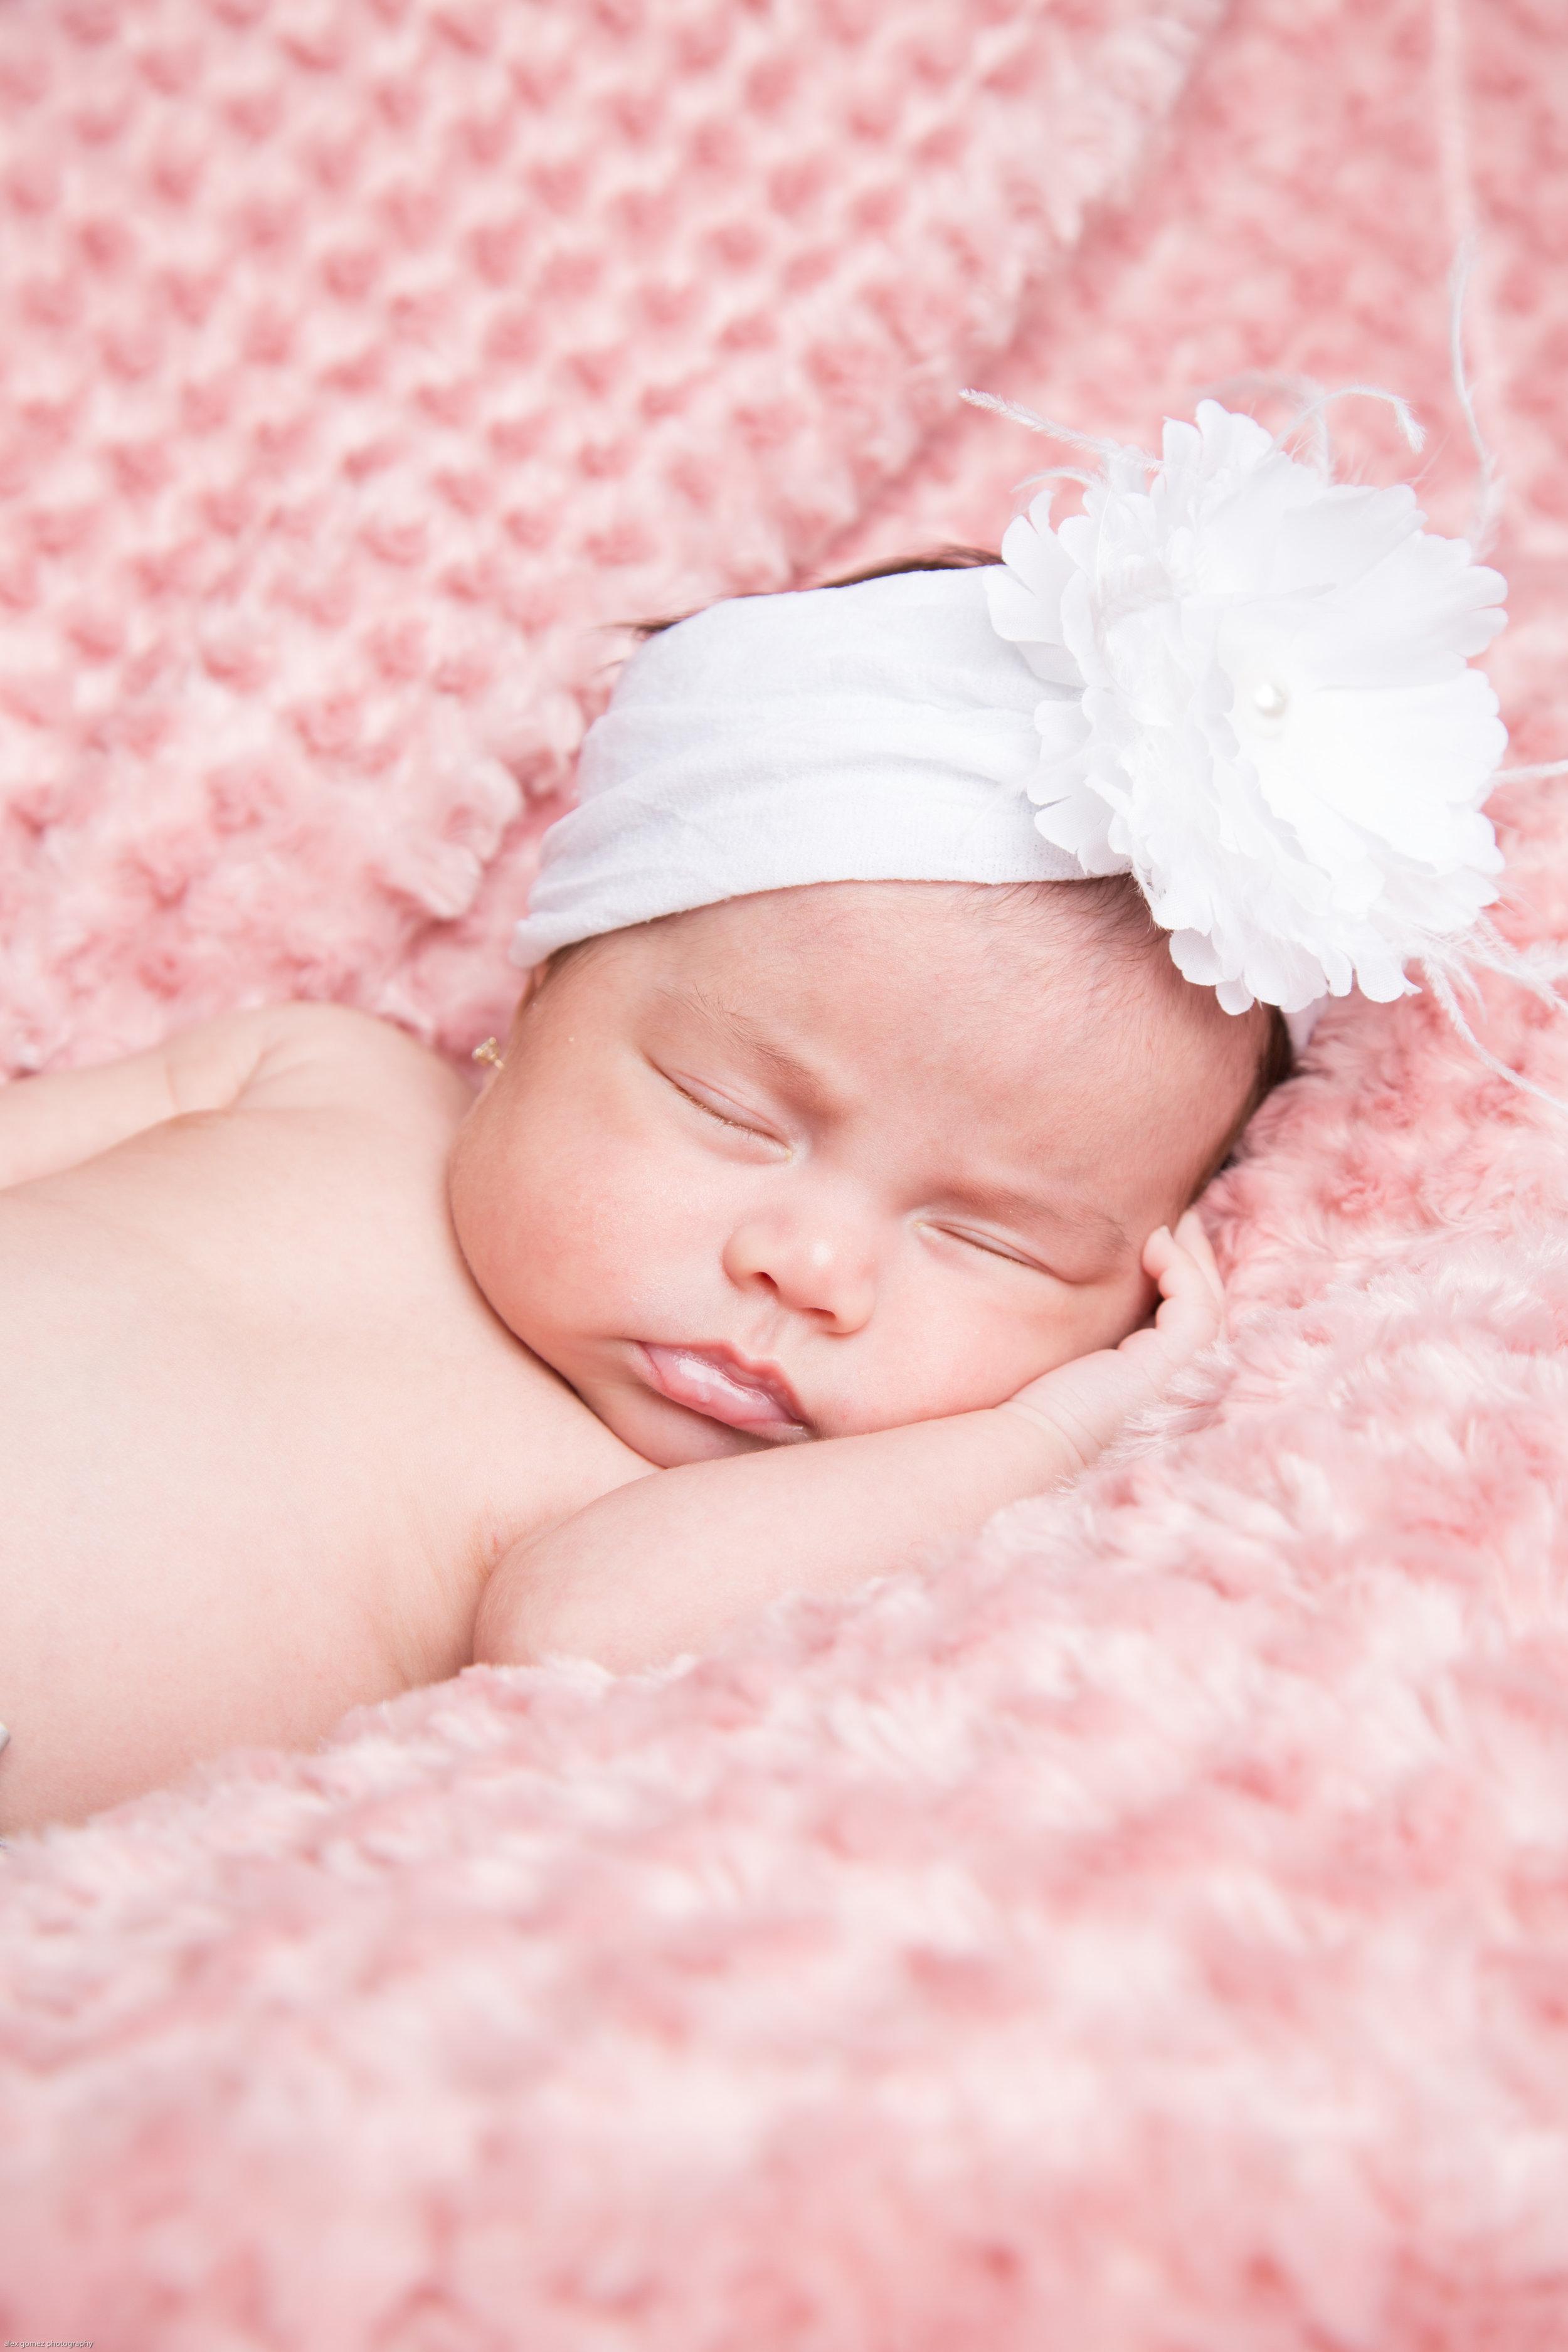 150309_jessica_newborn-31.jpg